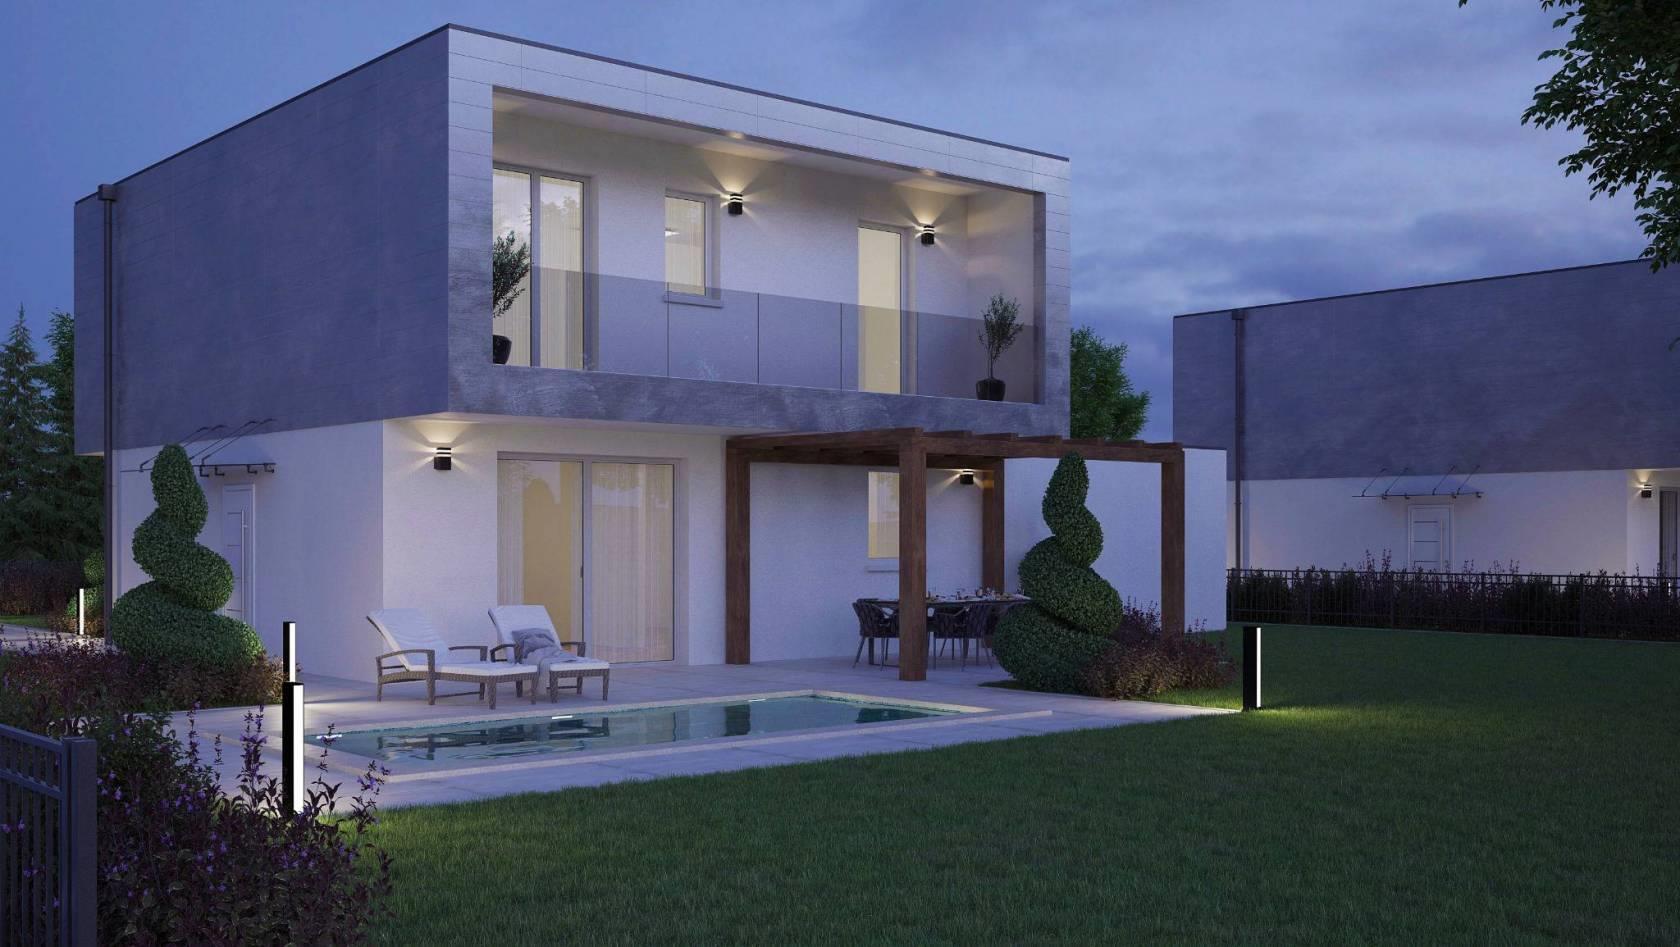 Foto 2 - Villa in Vendita - Usmate Velate (Monza e Brianza)